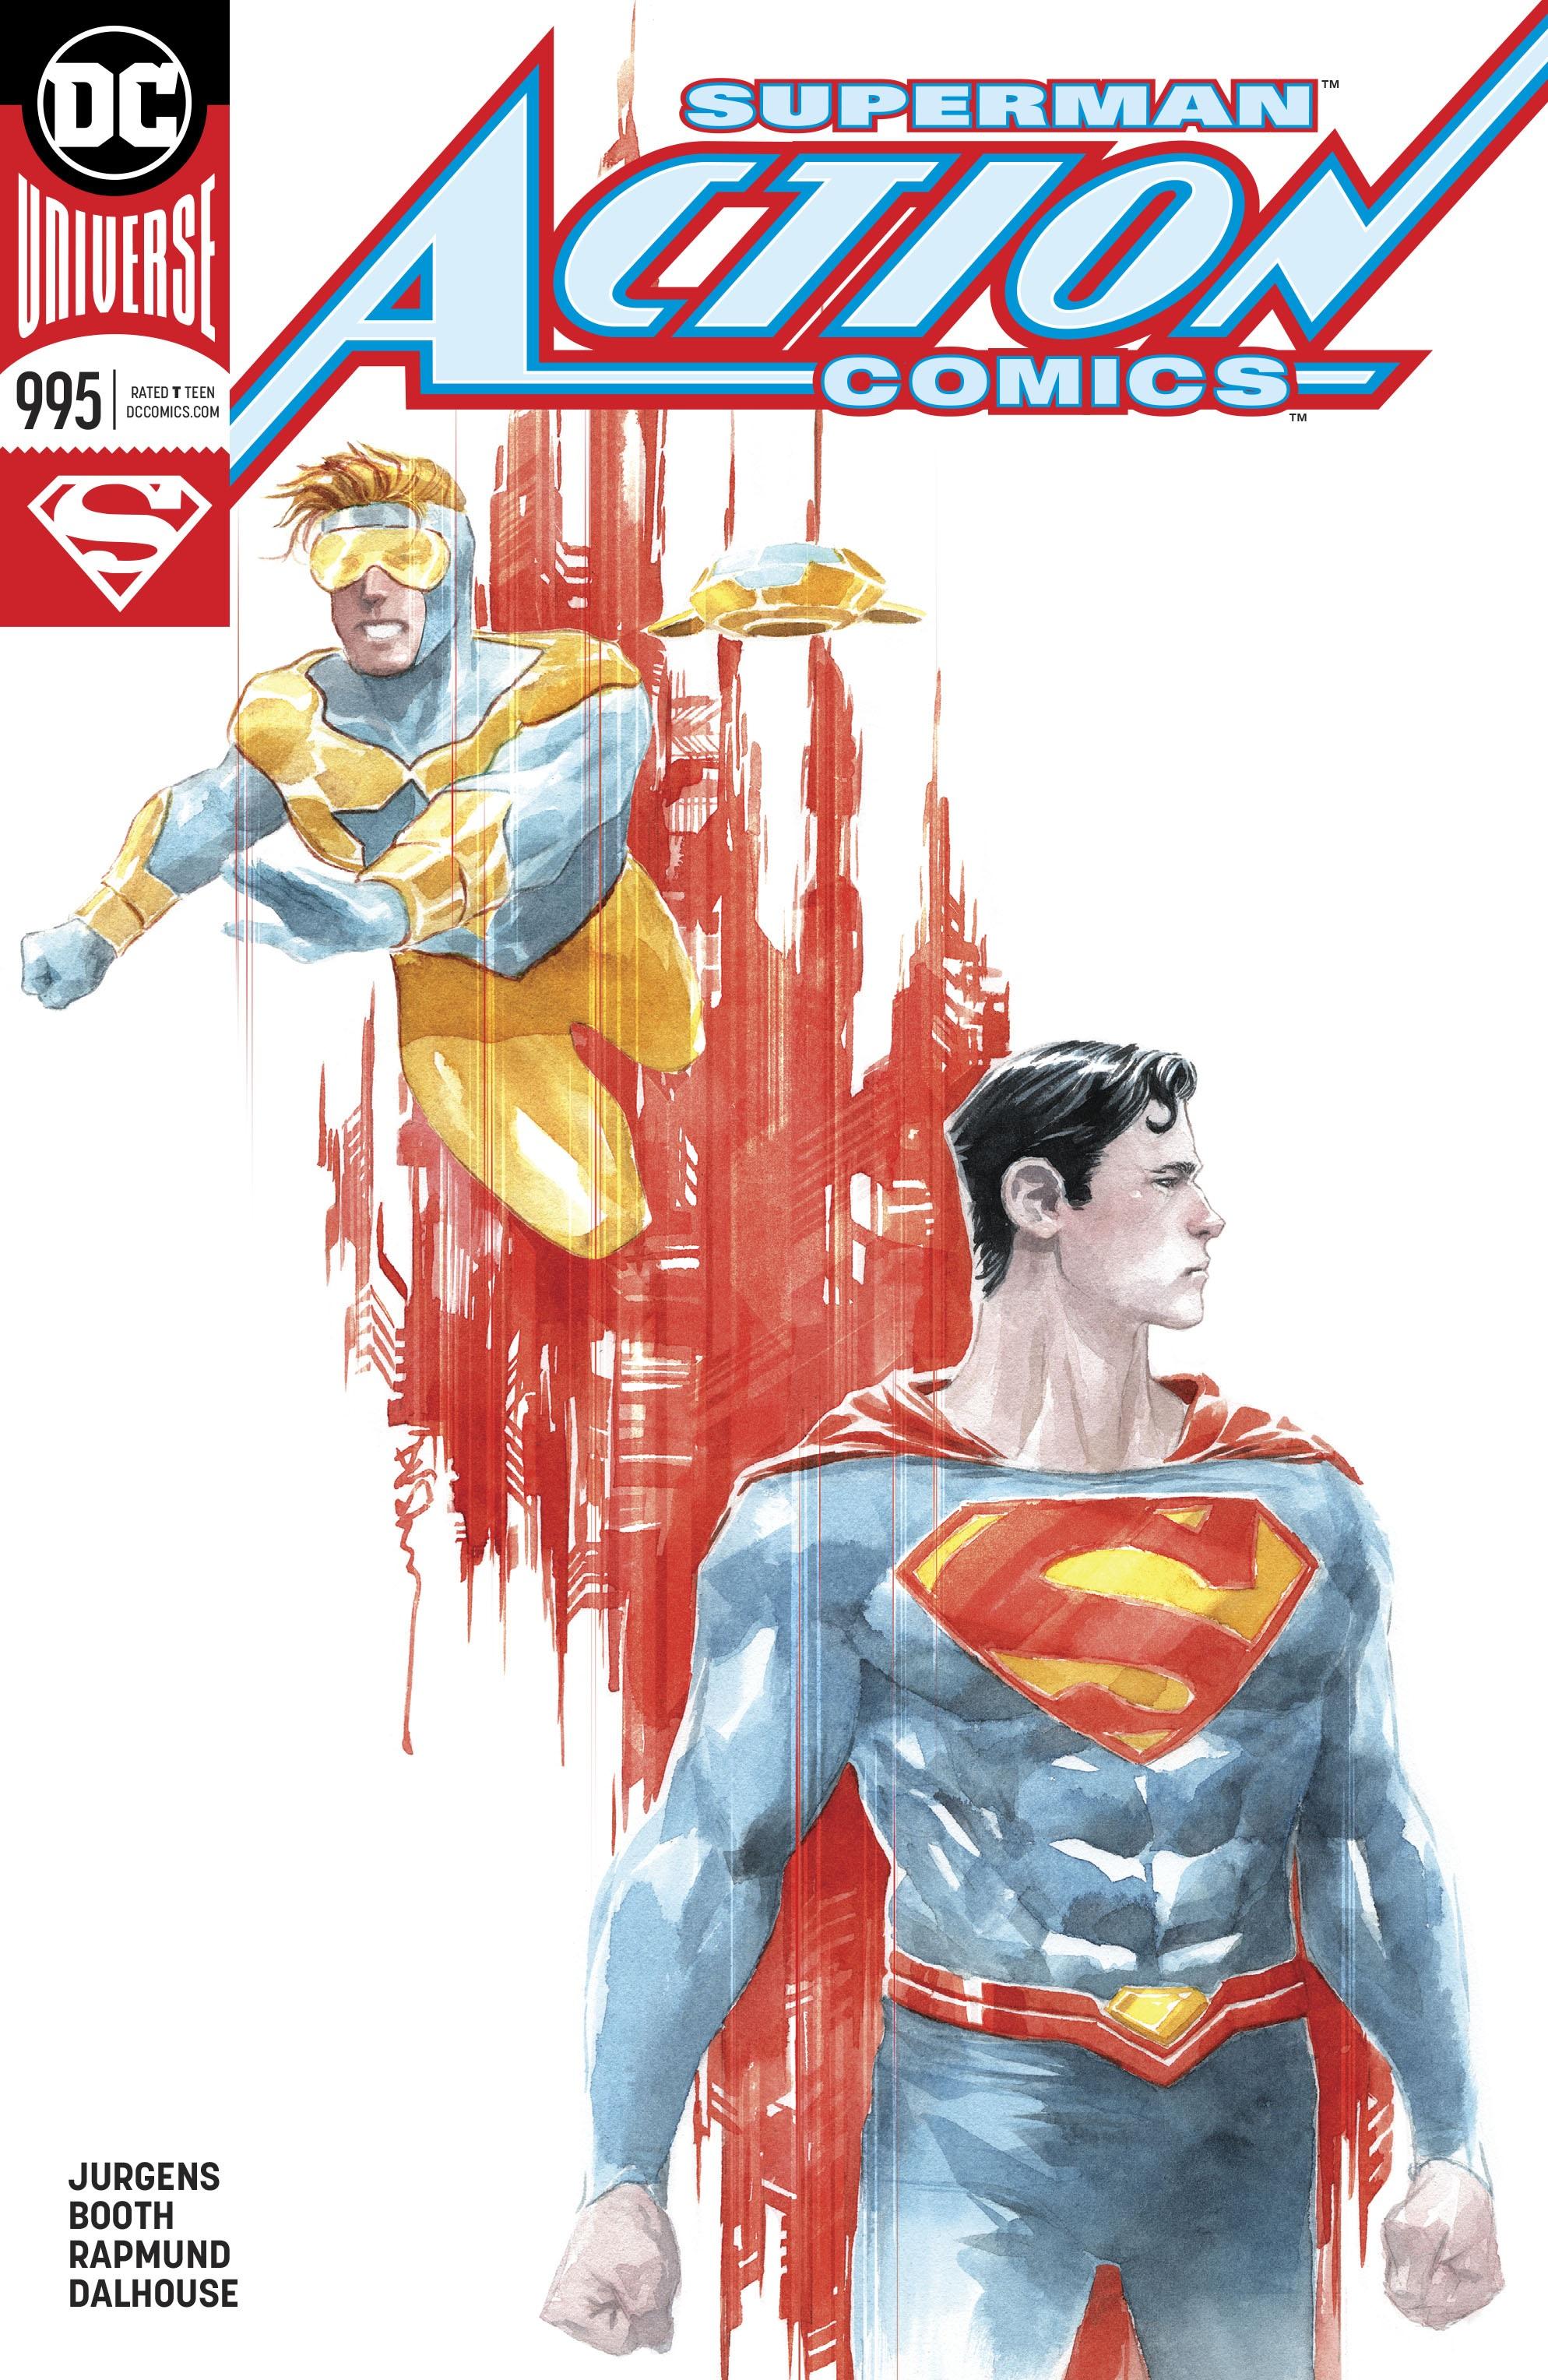 Action Comics Vol 1 995 Variant.jpg